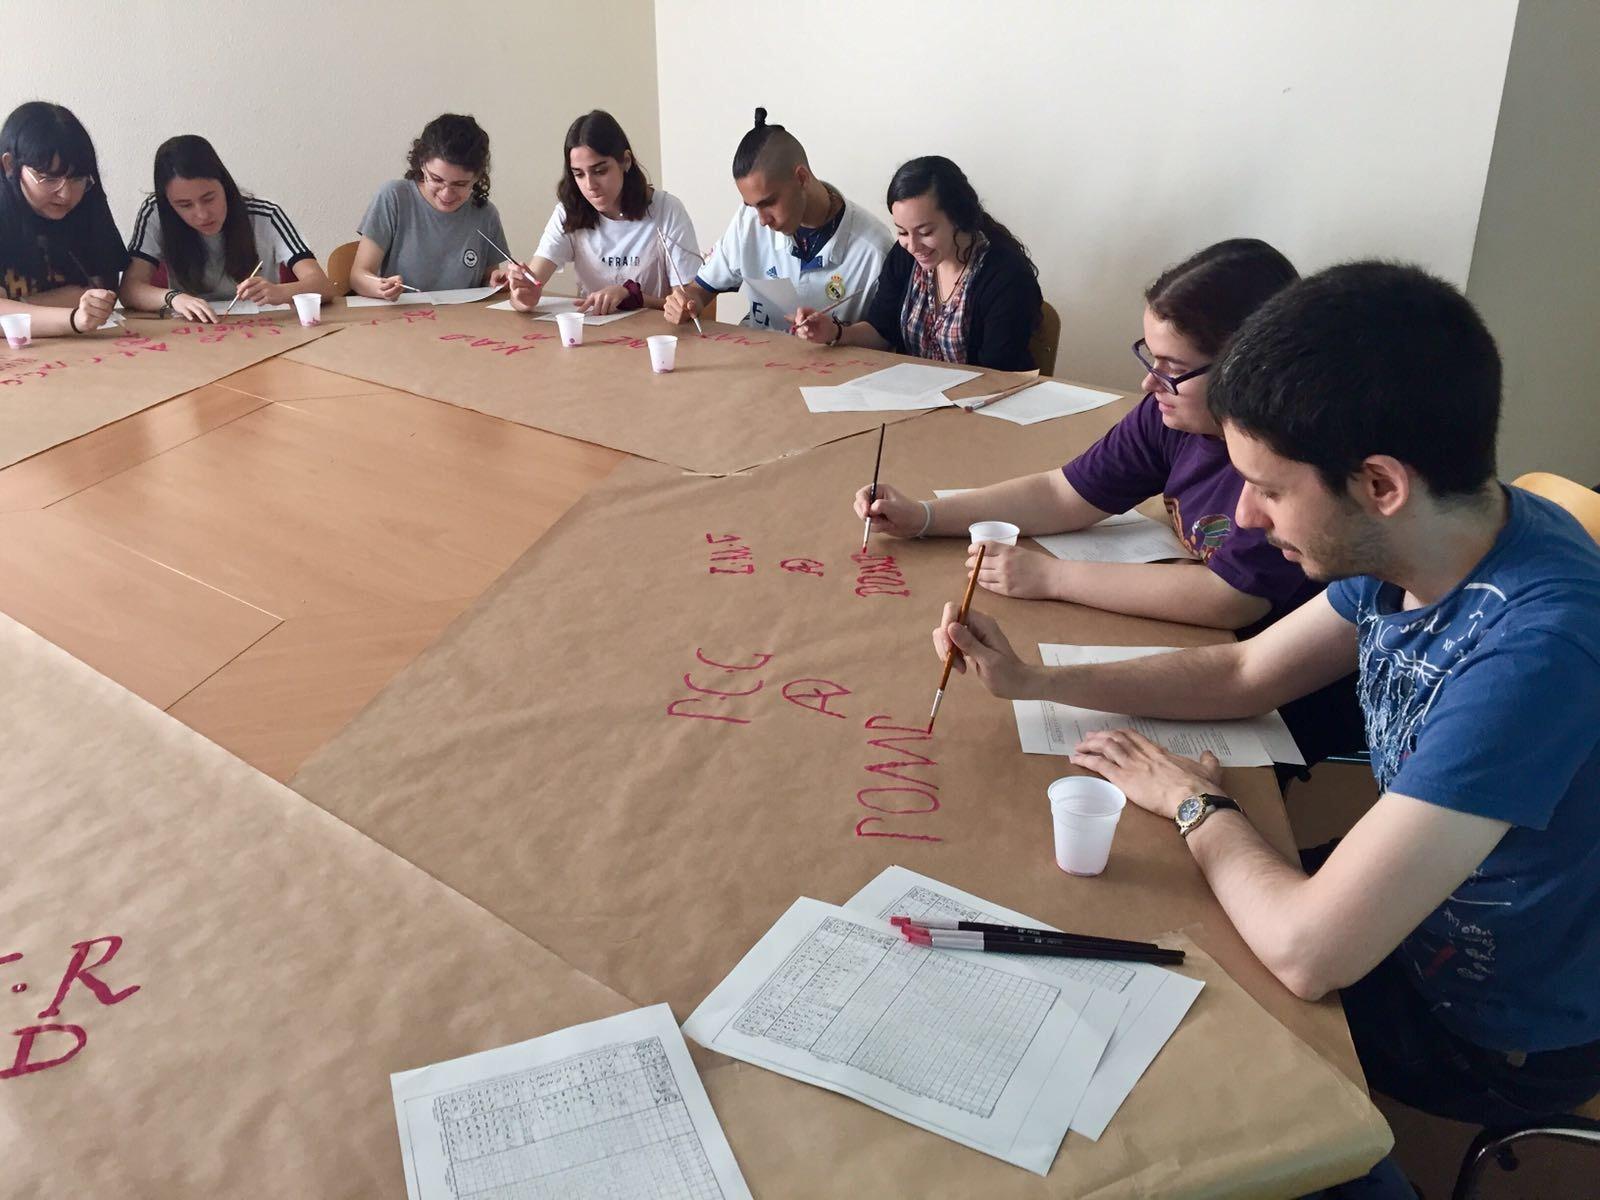 Taller de grafitos pompeyanos - Departamento de Filología Clásica - Universidad Autónoma de Madrid 14